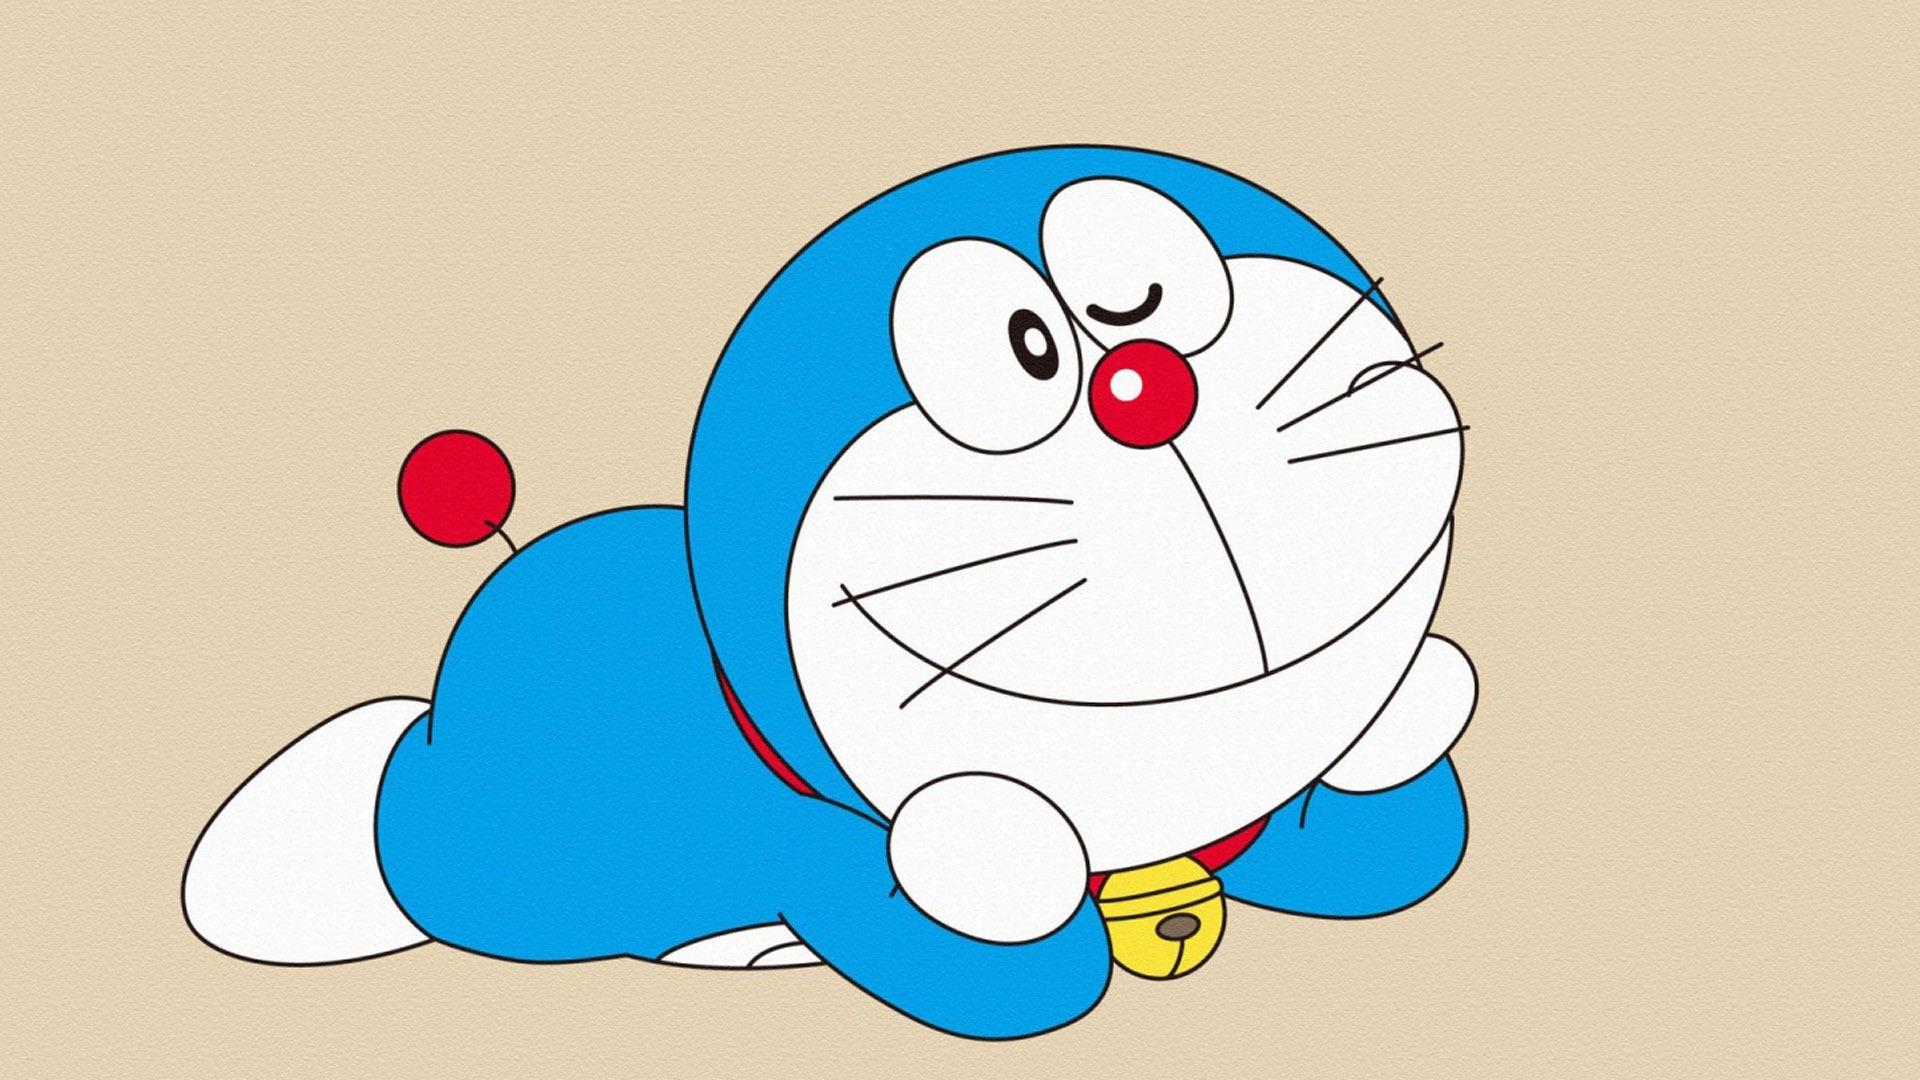 Doraemon rischia di diventare fuorilegge in pakistan